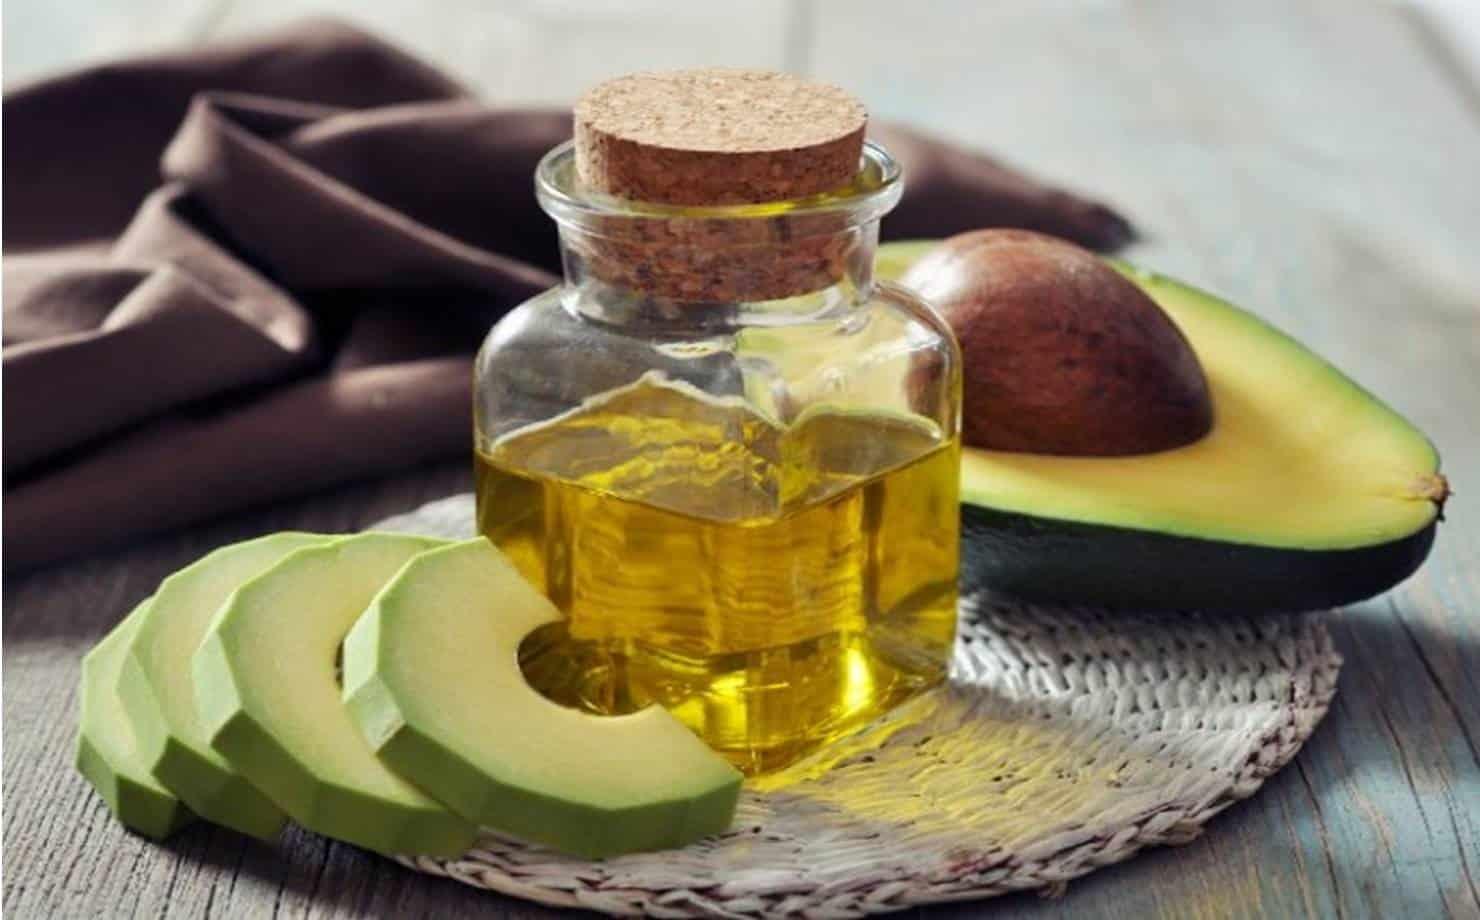 óleo de abacate caseiro no frasco de vidro